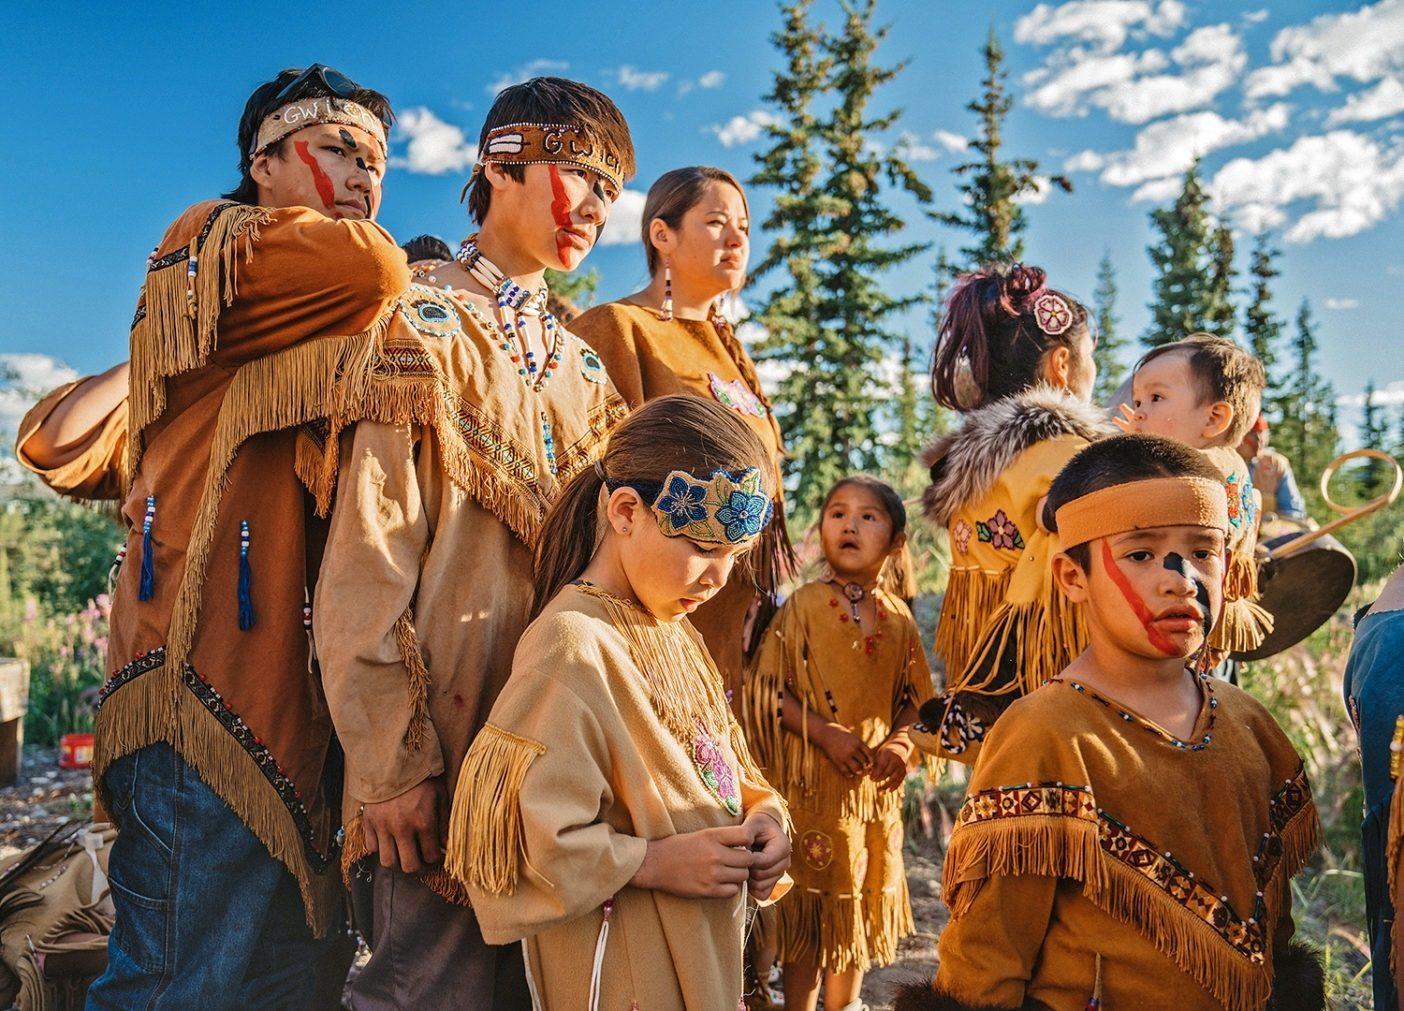 第14回グウィッチン・ギャザリングで伝統的な踊りの準備を整えるグウィッチン族の若者たち。アラスカ州アークティック・ビレッジ。Photo: Kahlil Hudson